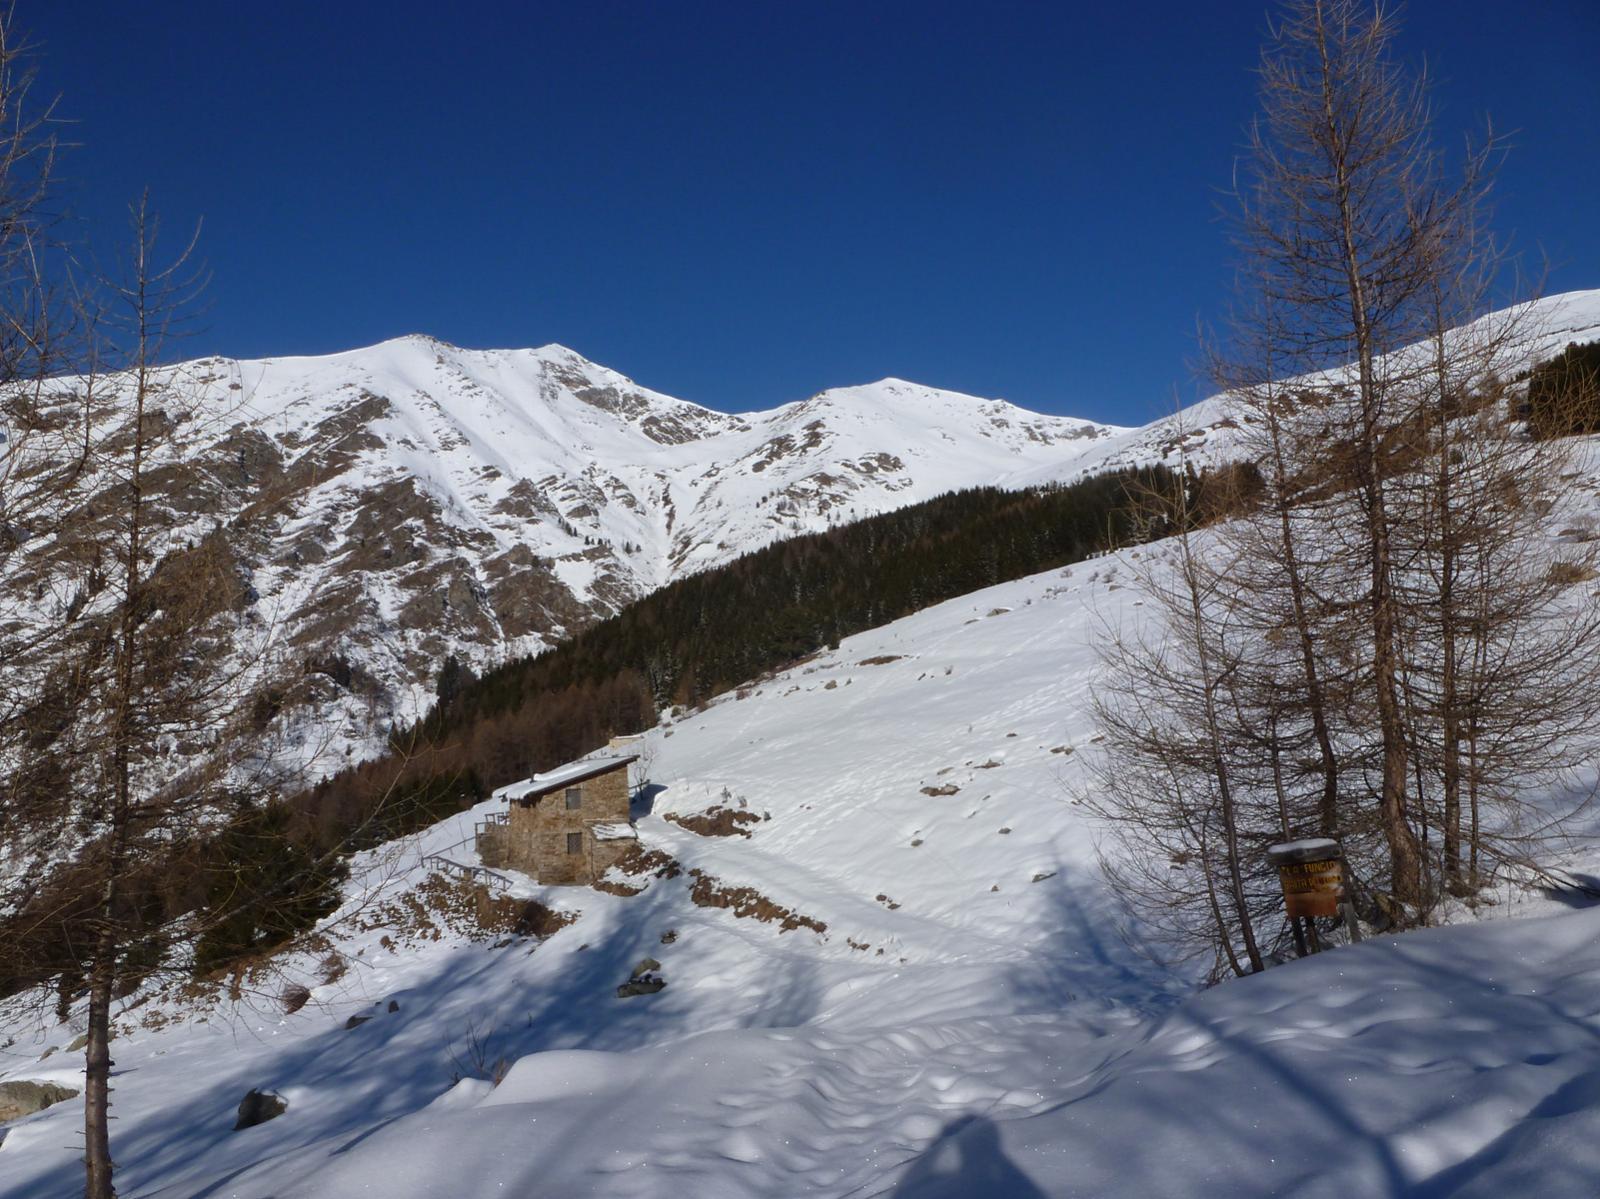 La baita del lupo a 1800m